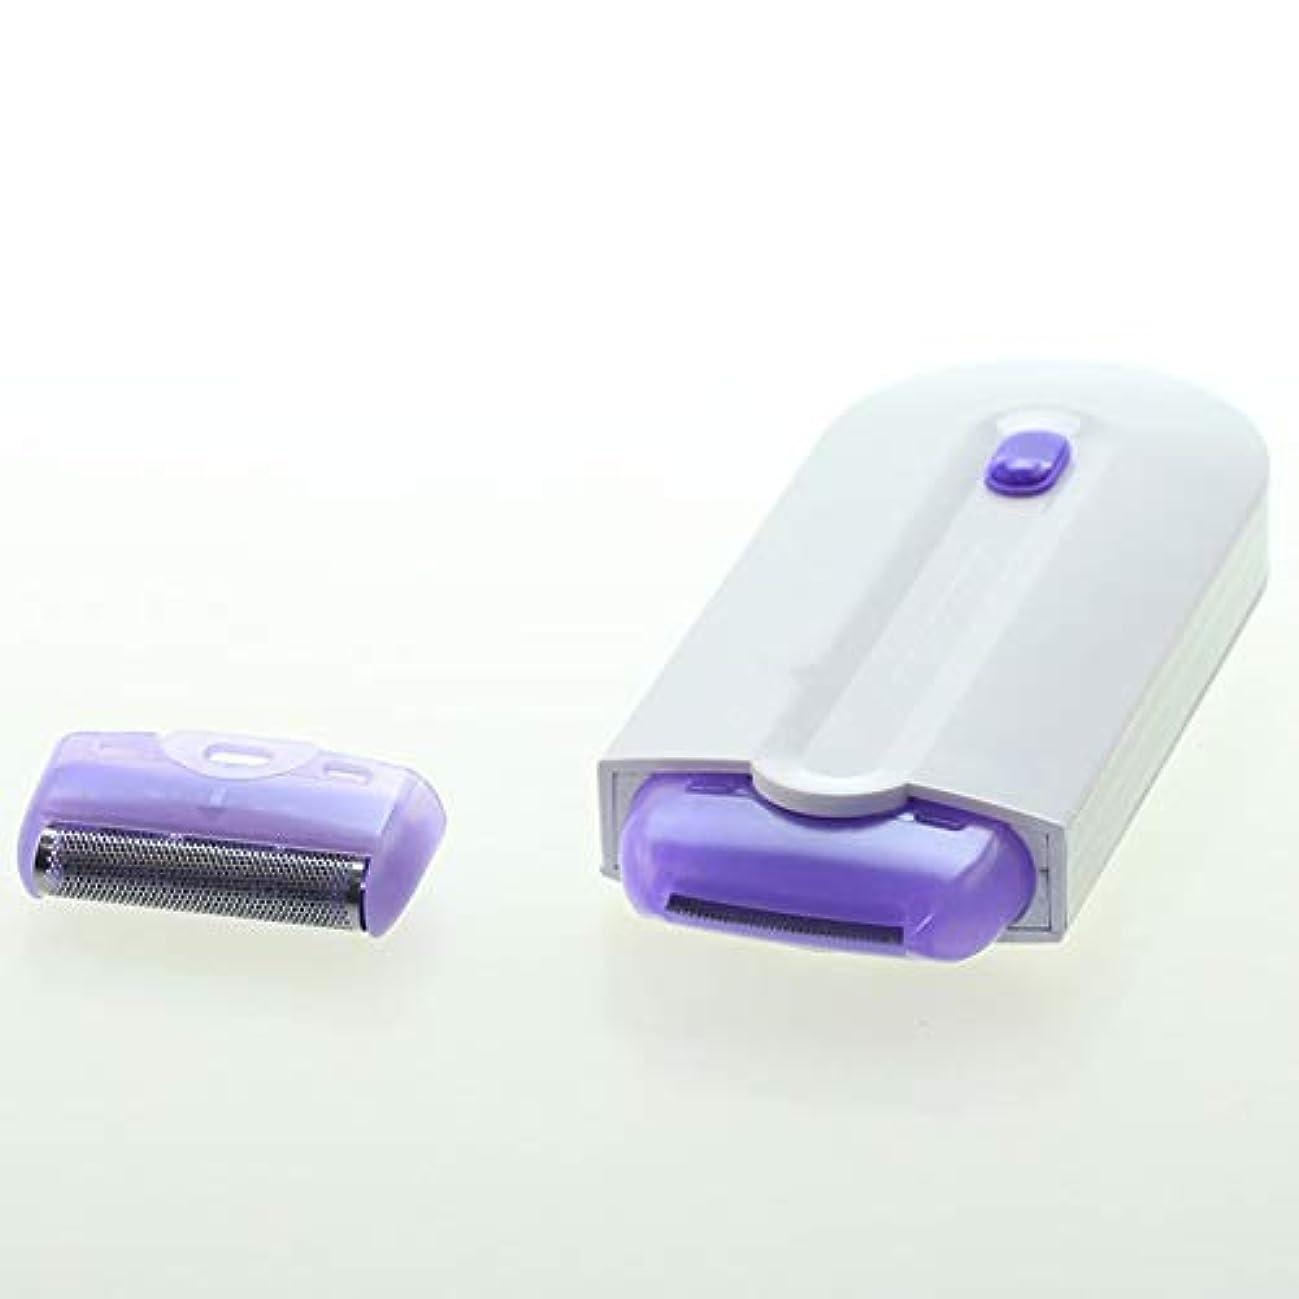 選挙ブレース種をまく女性のための顔の脱毛、ビルトインLEDライトで防水の痛みのない完璧な脱毛剤(青)